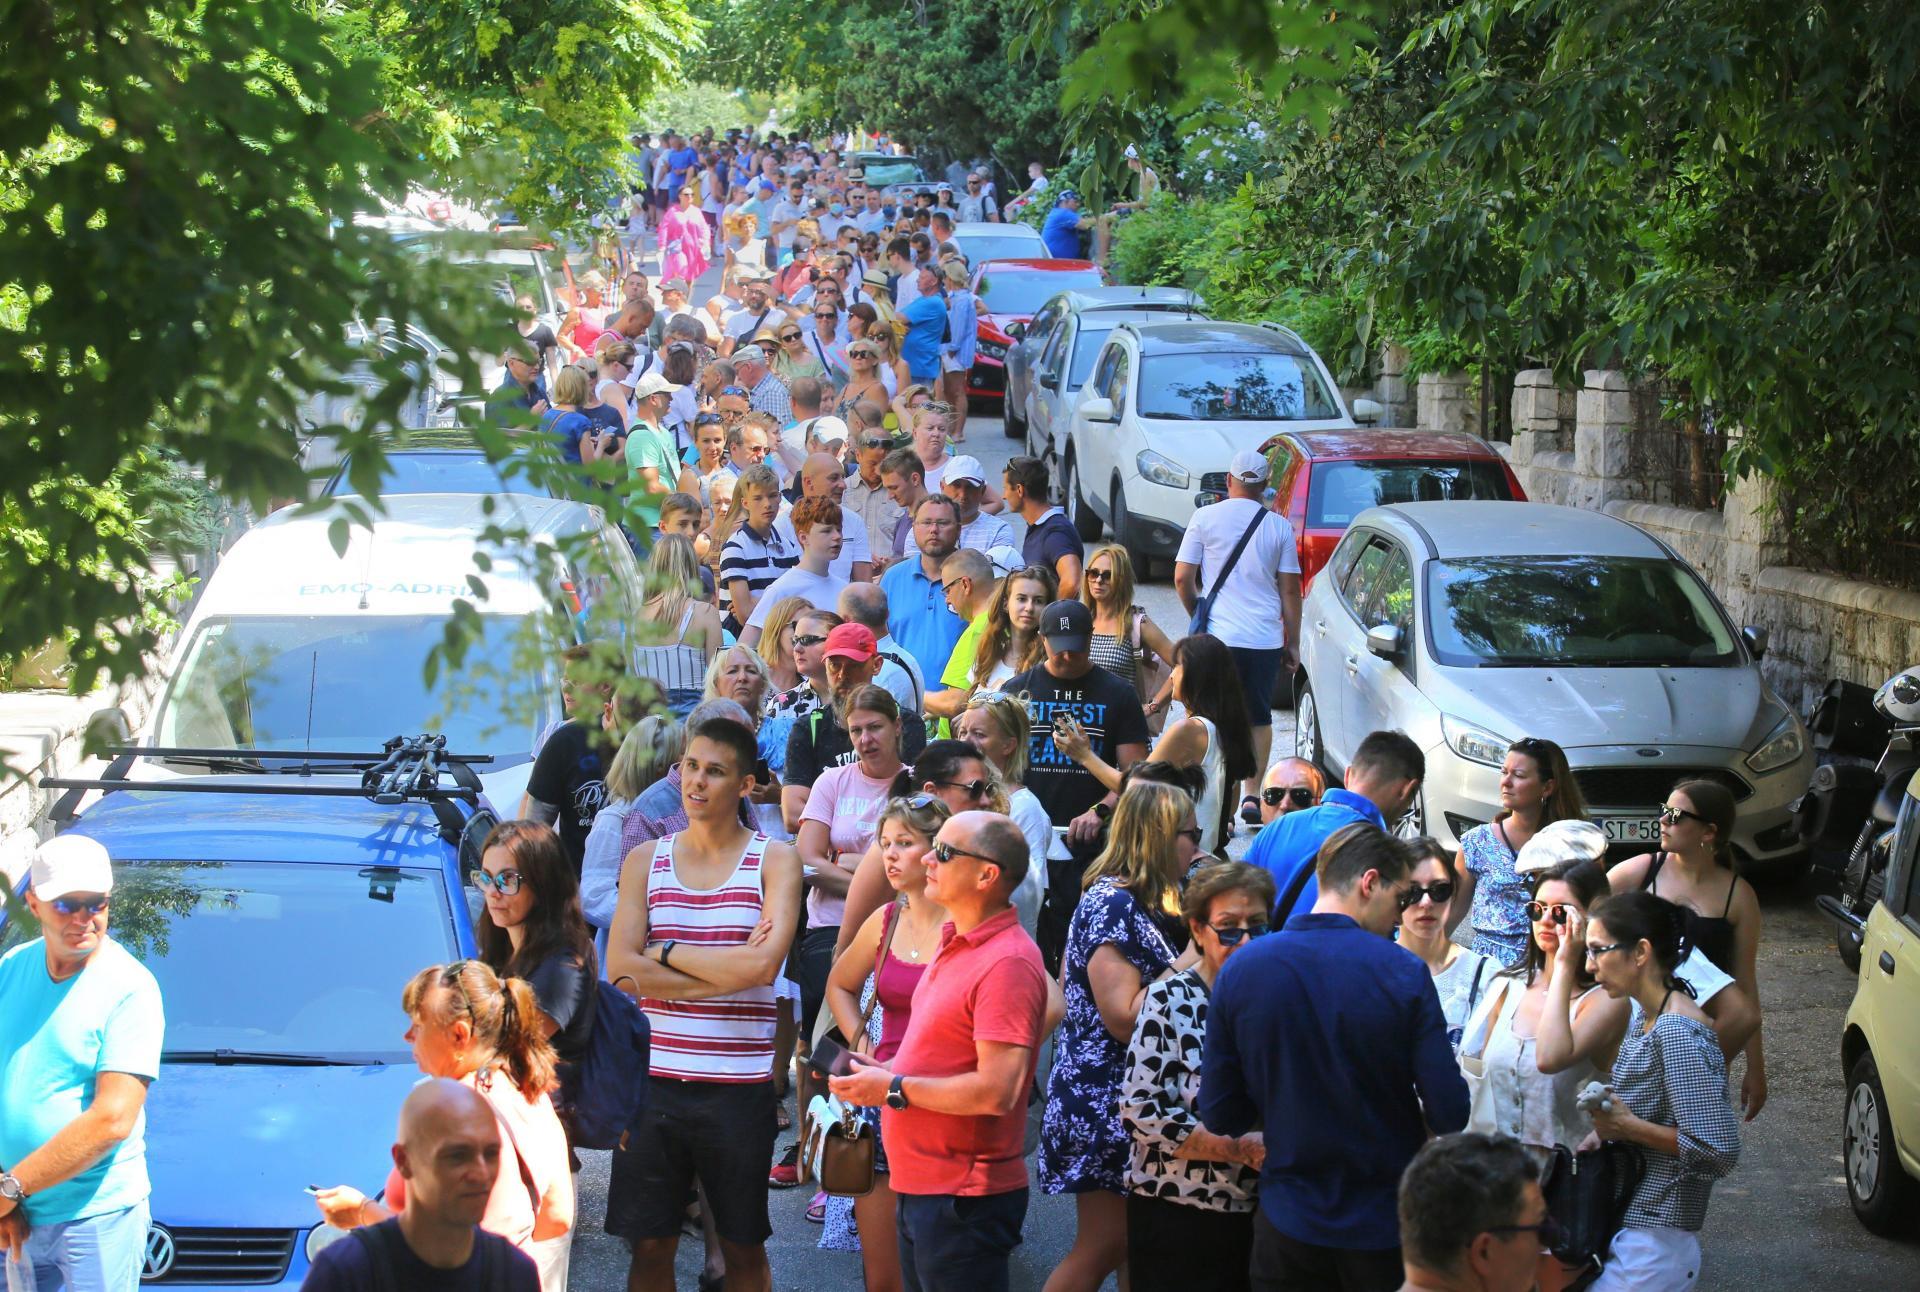 DRUGI KRUG PREDSJEDNIČKIH IZBORA U POLJSKOJ! Ogromni redovi u Splitu: Poljski turisti masovno pohrlili u svoj konzulat!